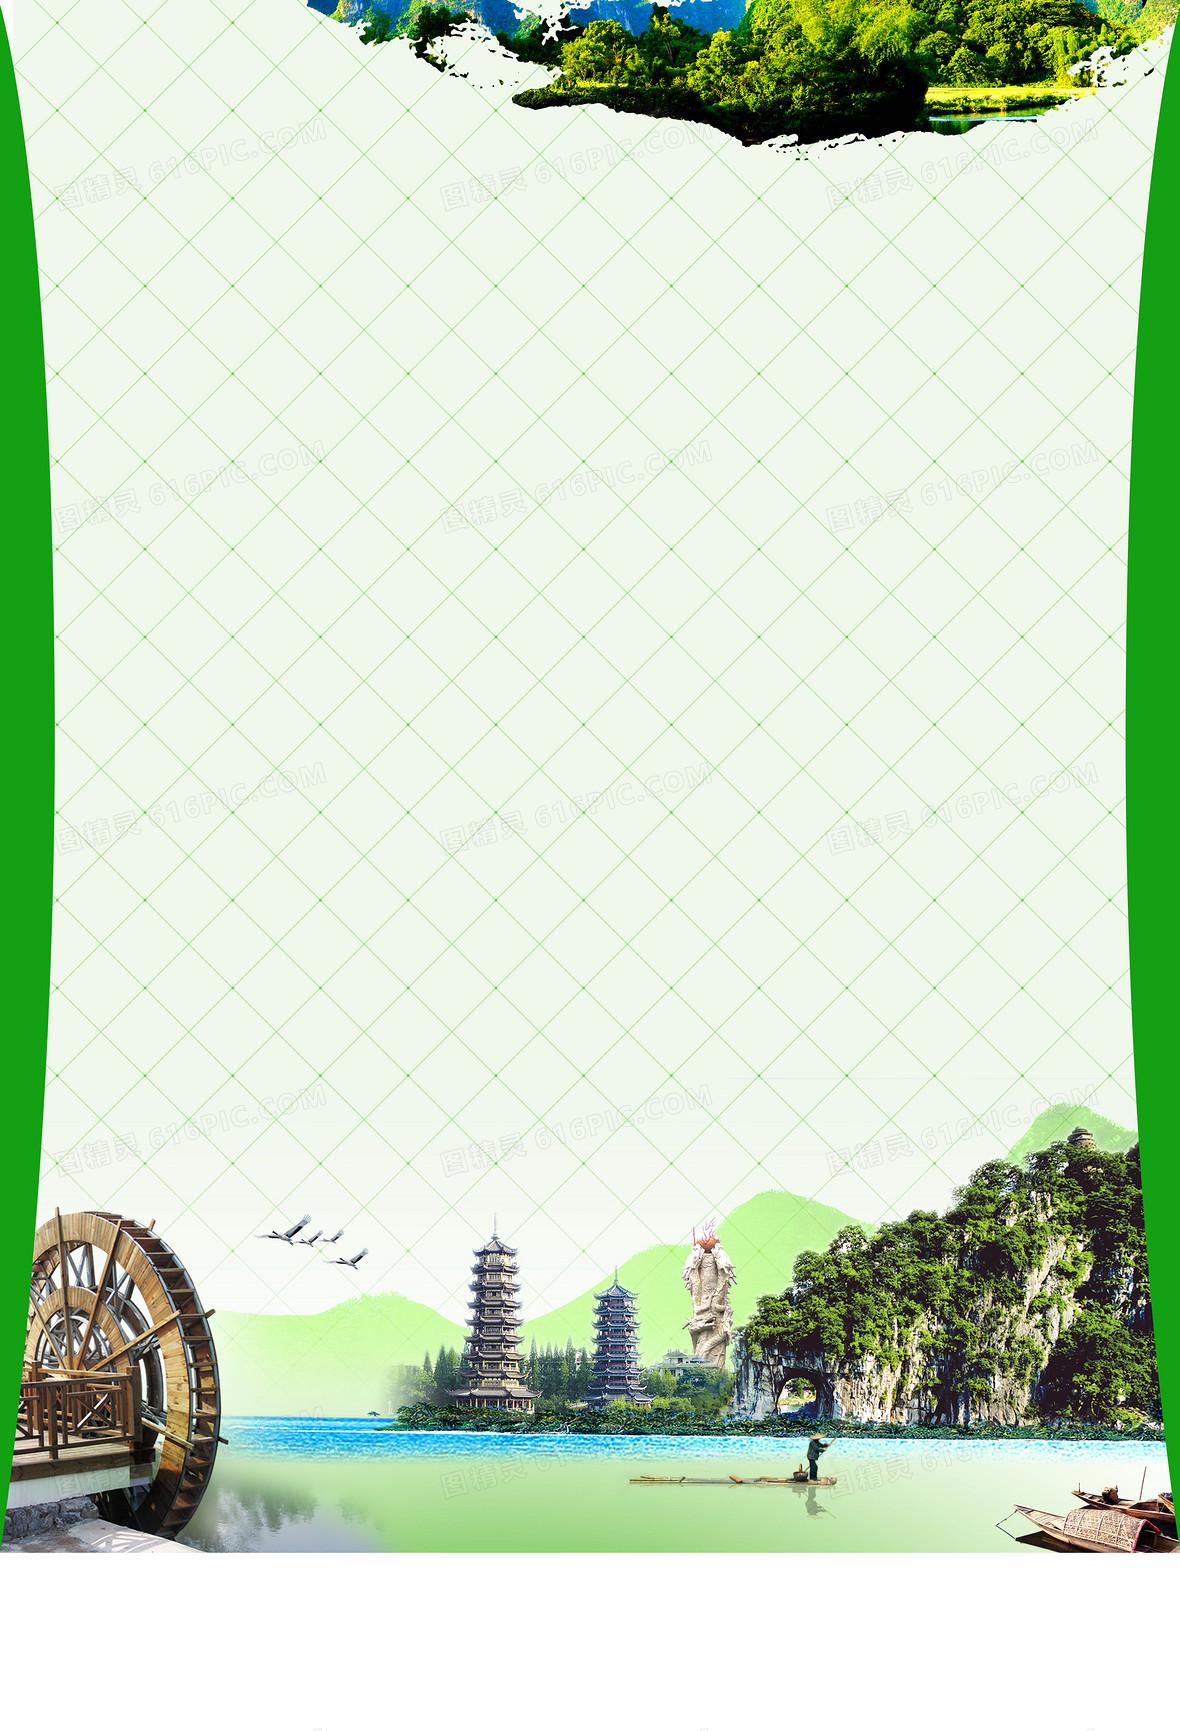 桂林旅游图片背景素材